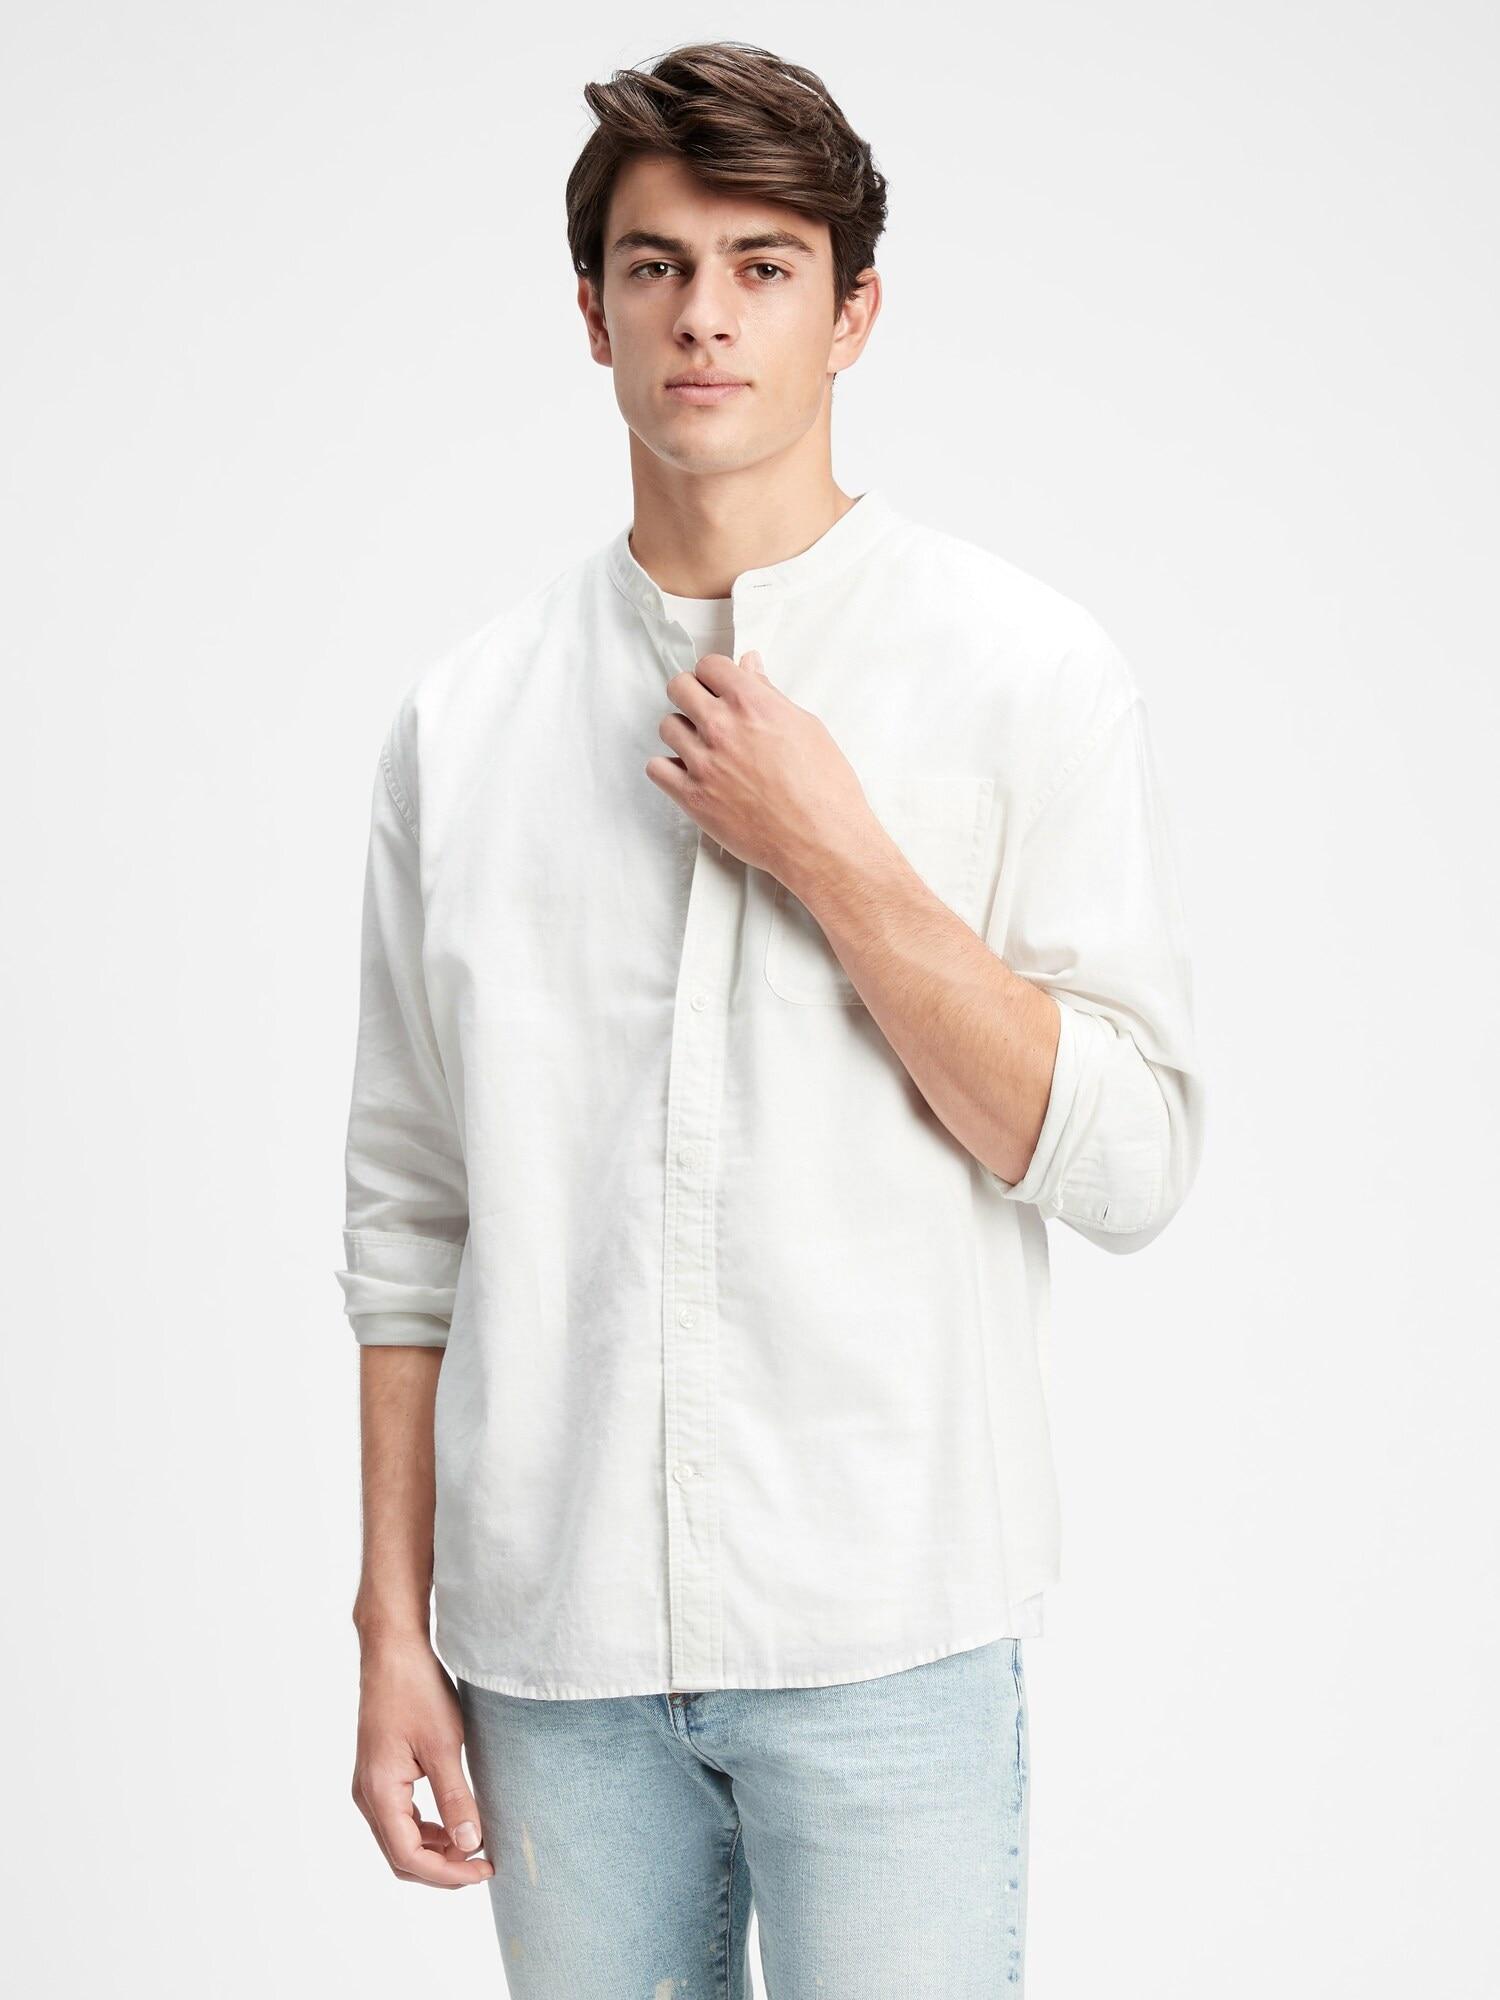 リラックスフィット バンドカラーシャツ